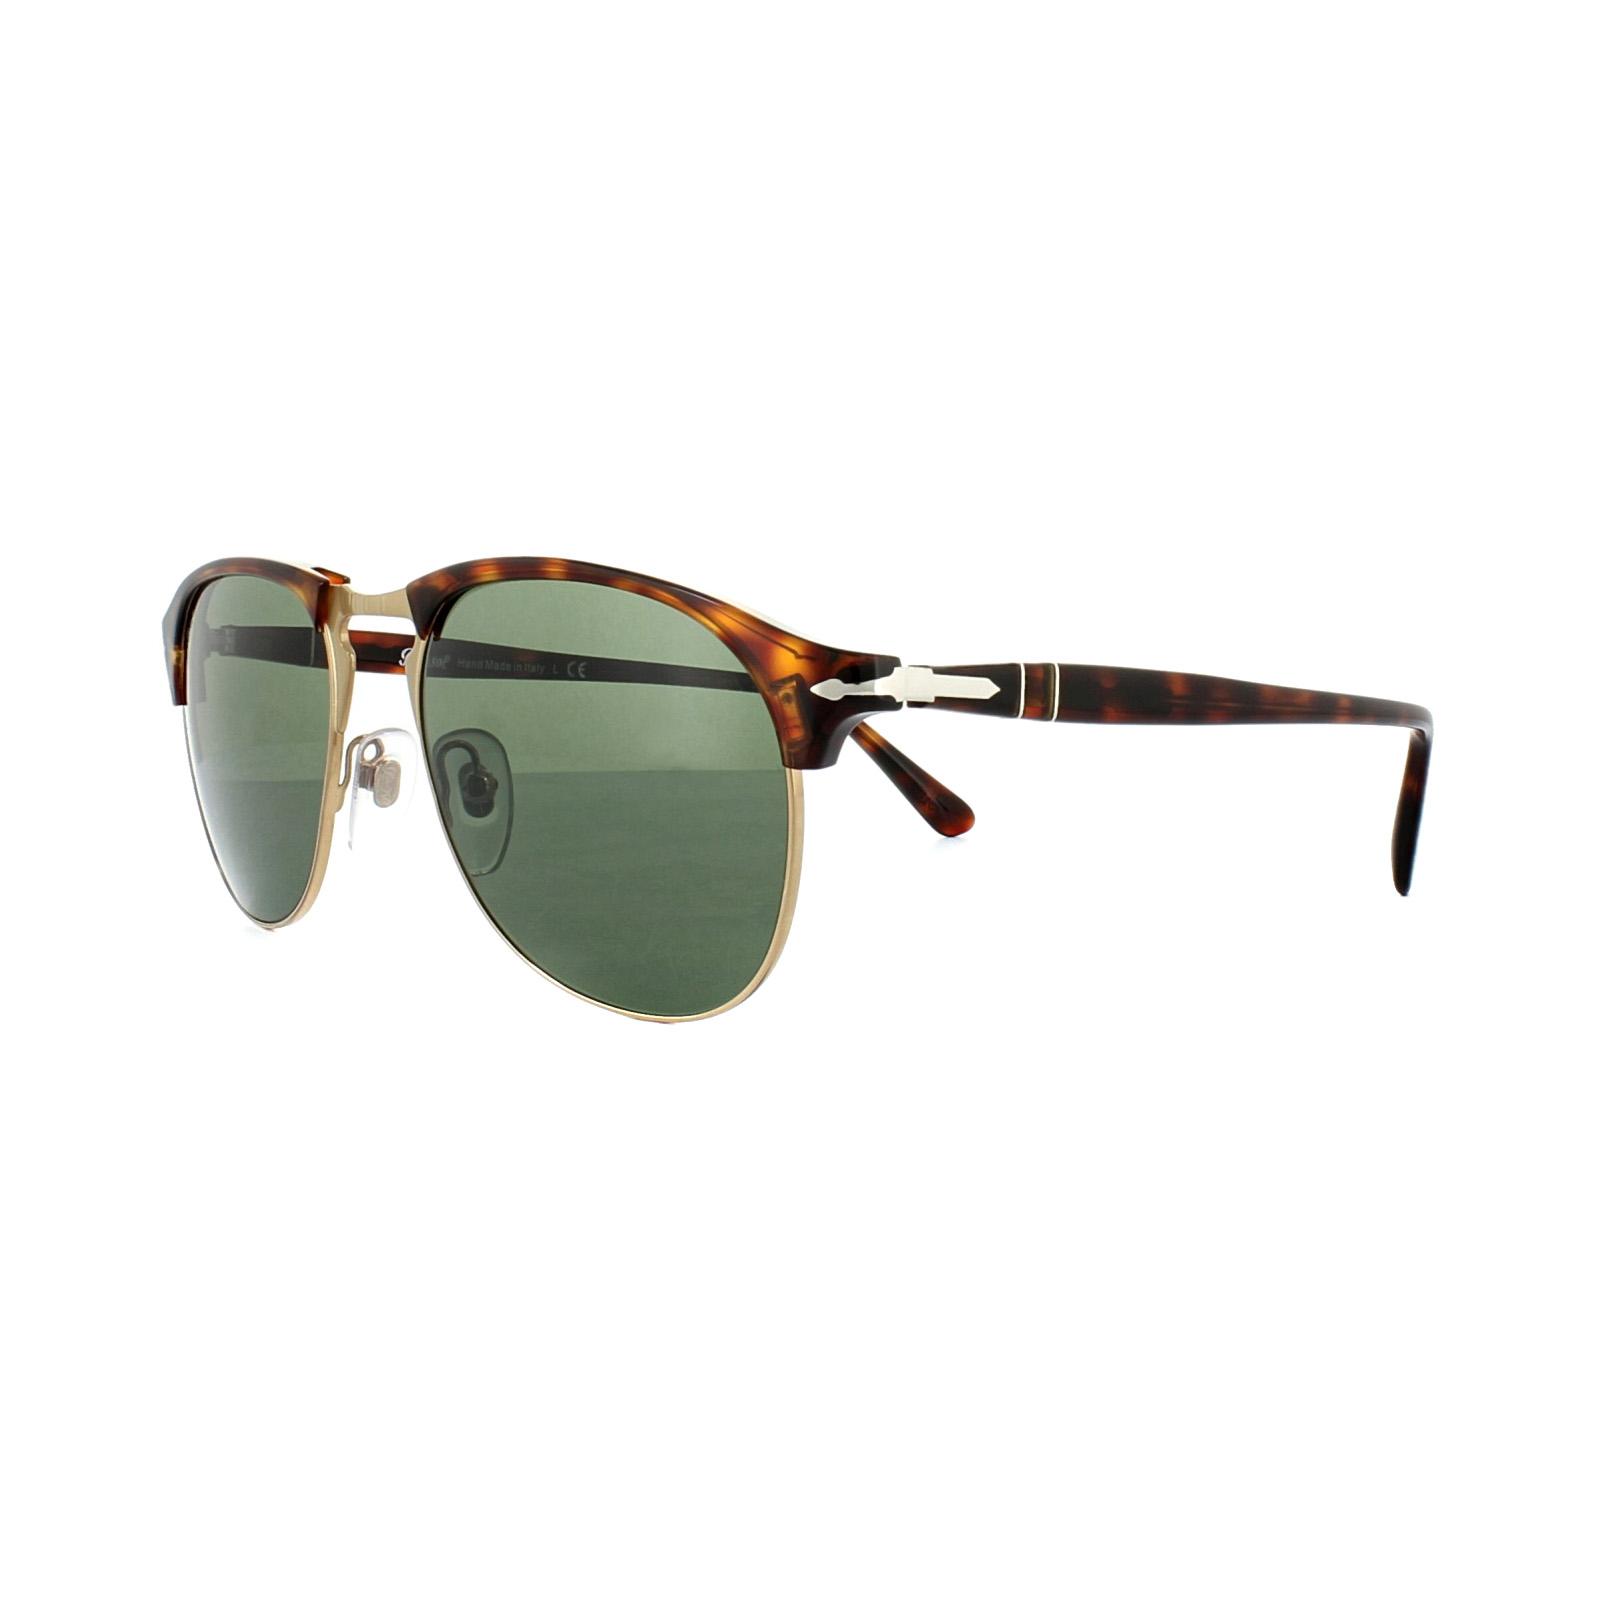 64905f896ae8 Persol PO8649 Sunglasses Thumbnail 1 Persol PO8649 Sunglasses Thumbnail 2  ...